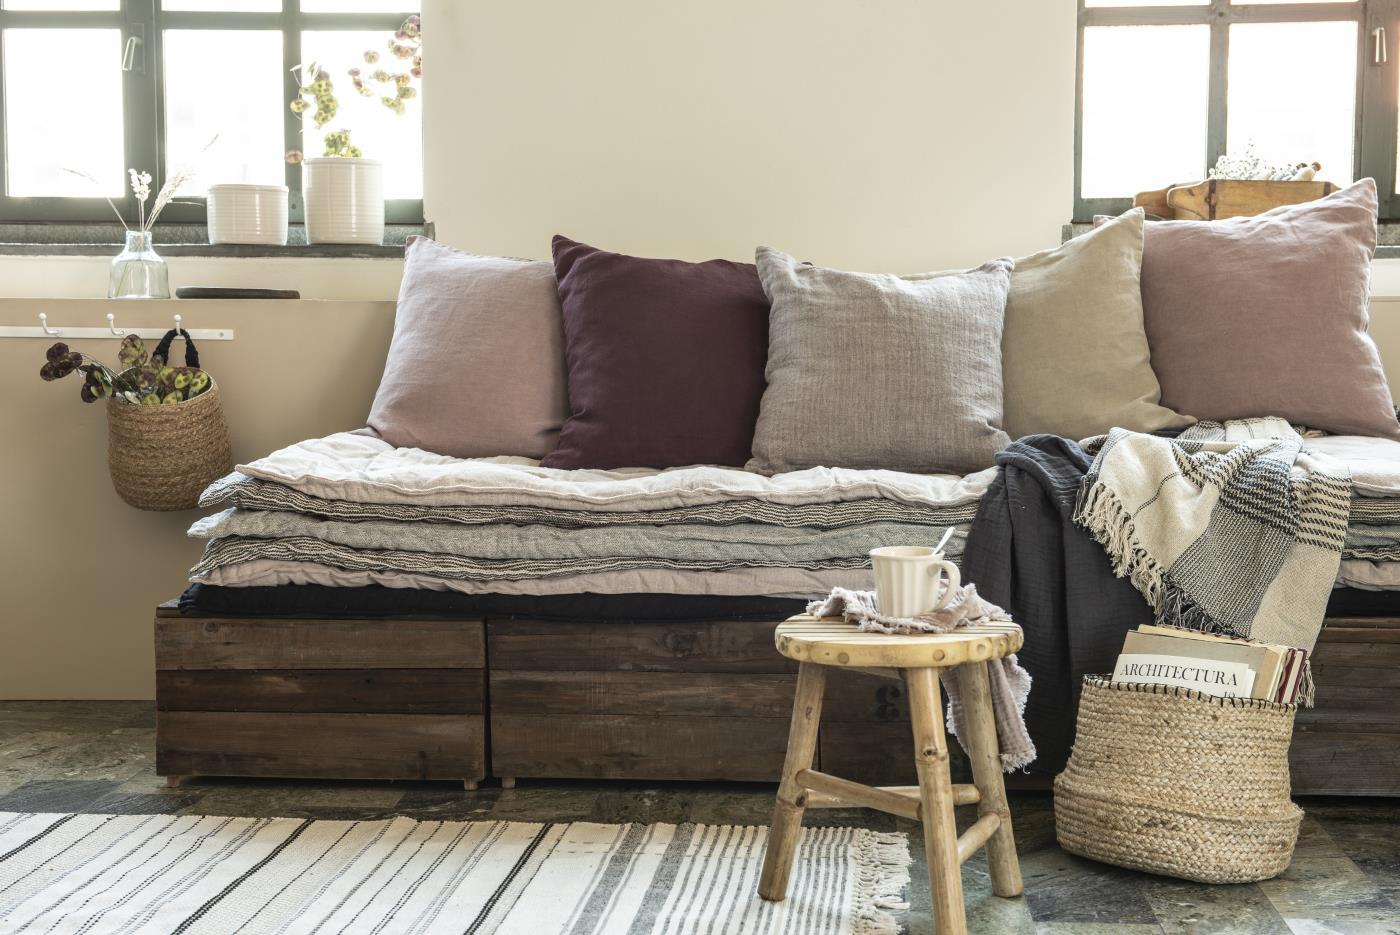 Kissenbezug aus Leinen 50x50/ lavendel&braun 5